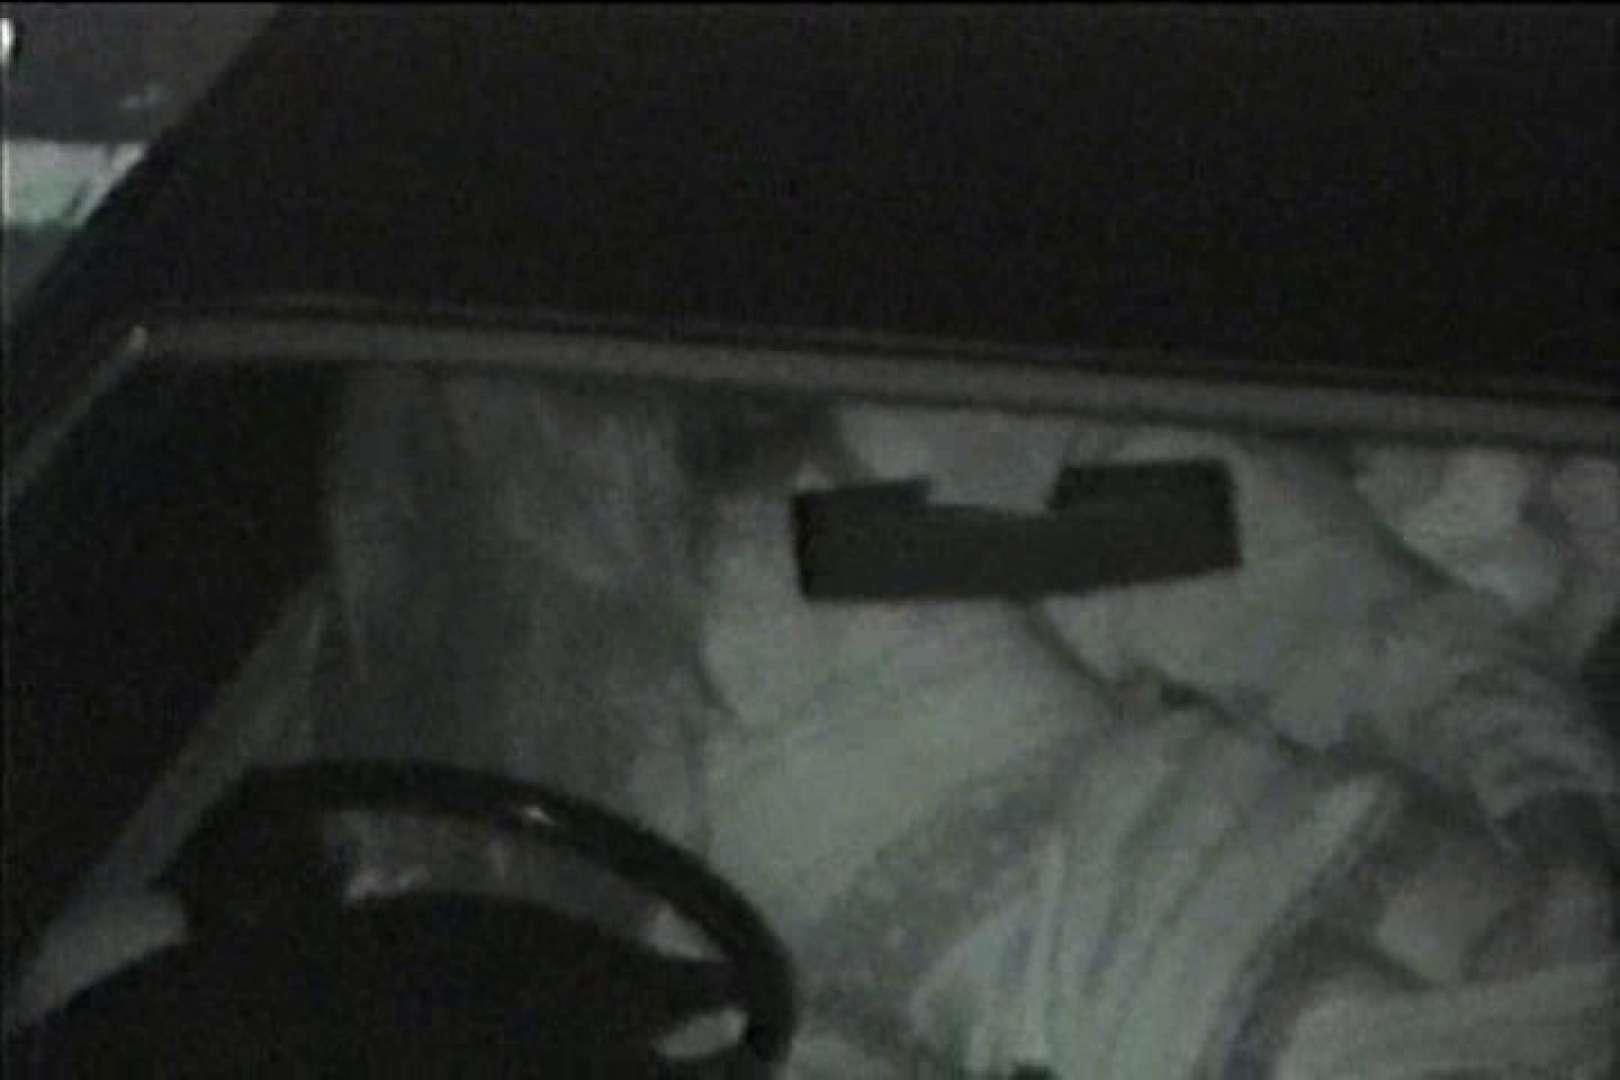 車の中はラブホテル 無修正版  Vol.7 ホテル 盗撮アダルト動画キャプチャ 81画像 70